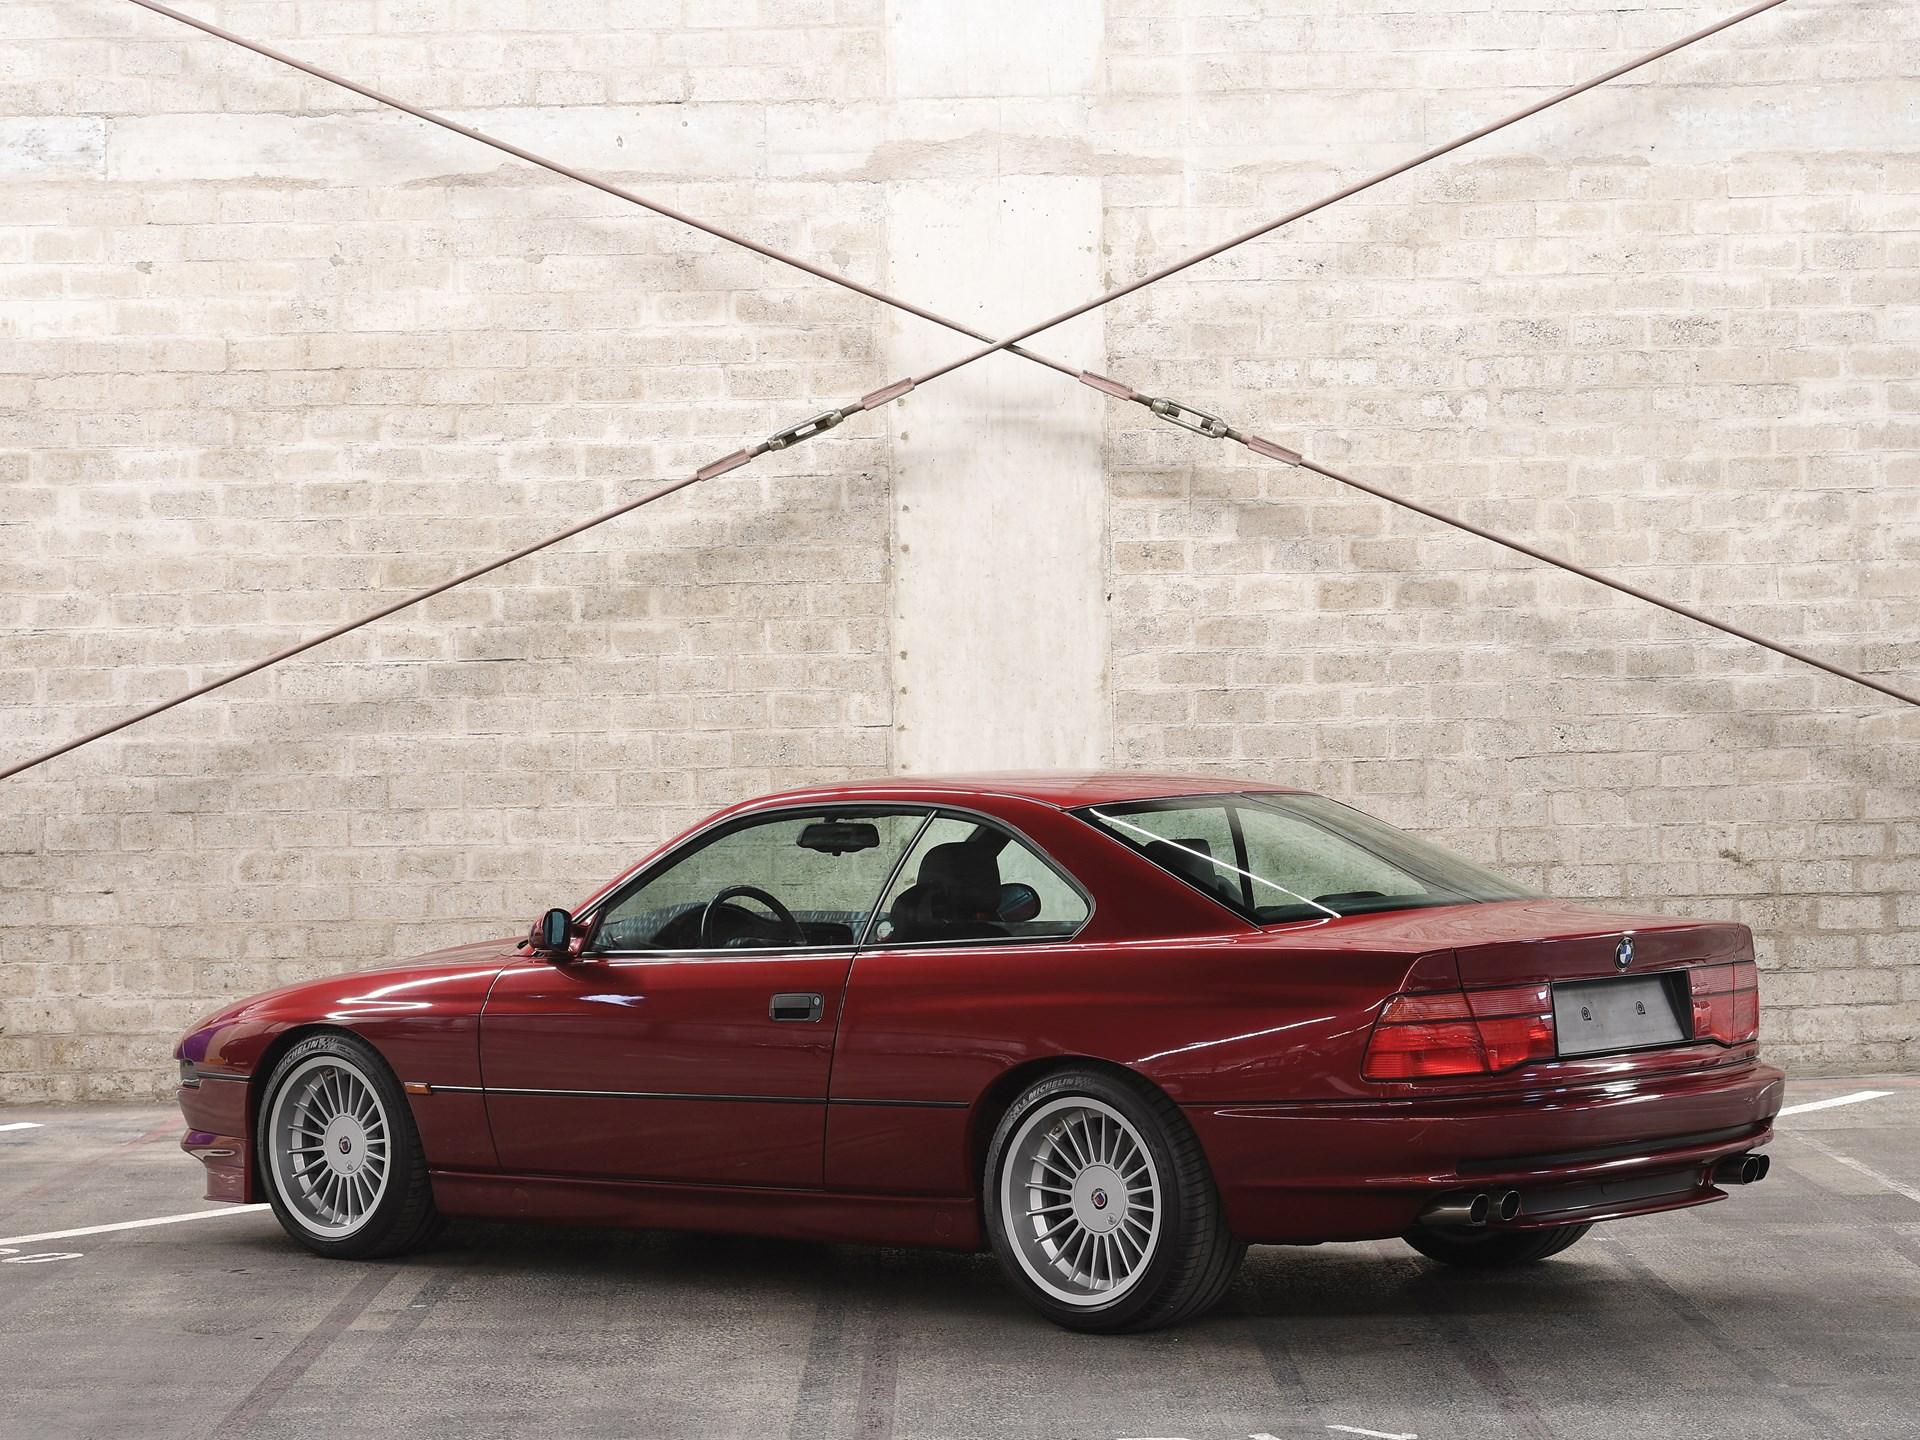 1994 BMW Alpina B12 5.7 Coupé